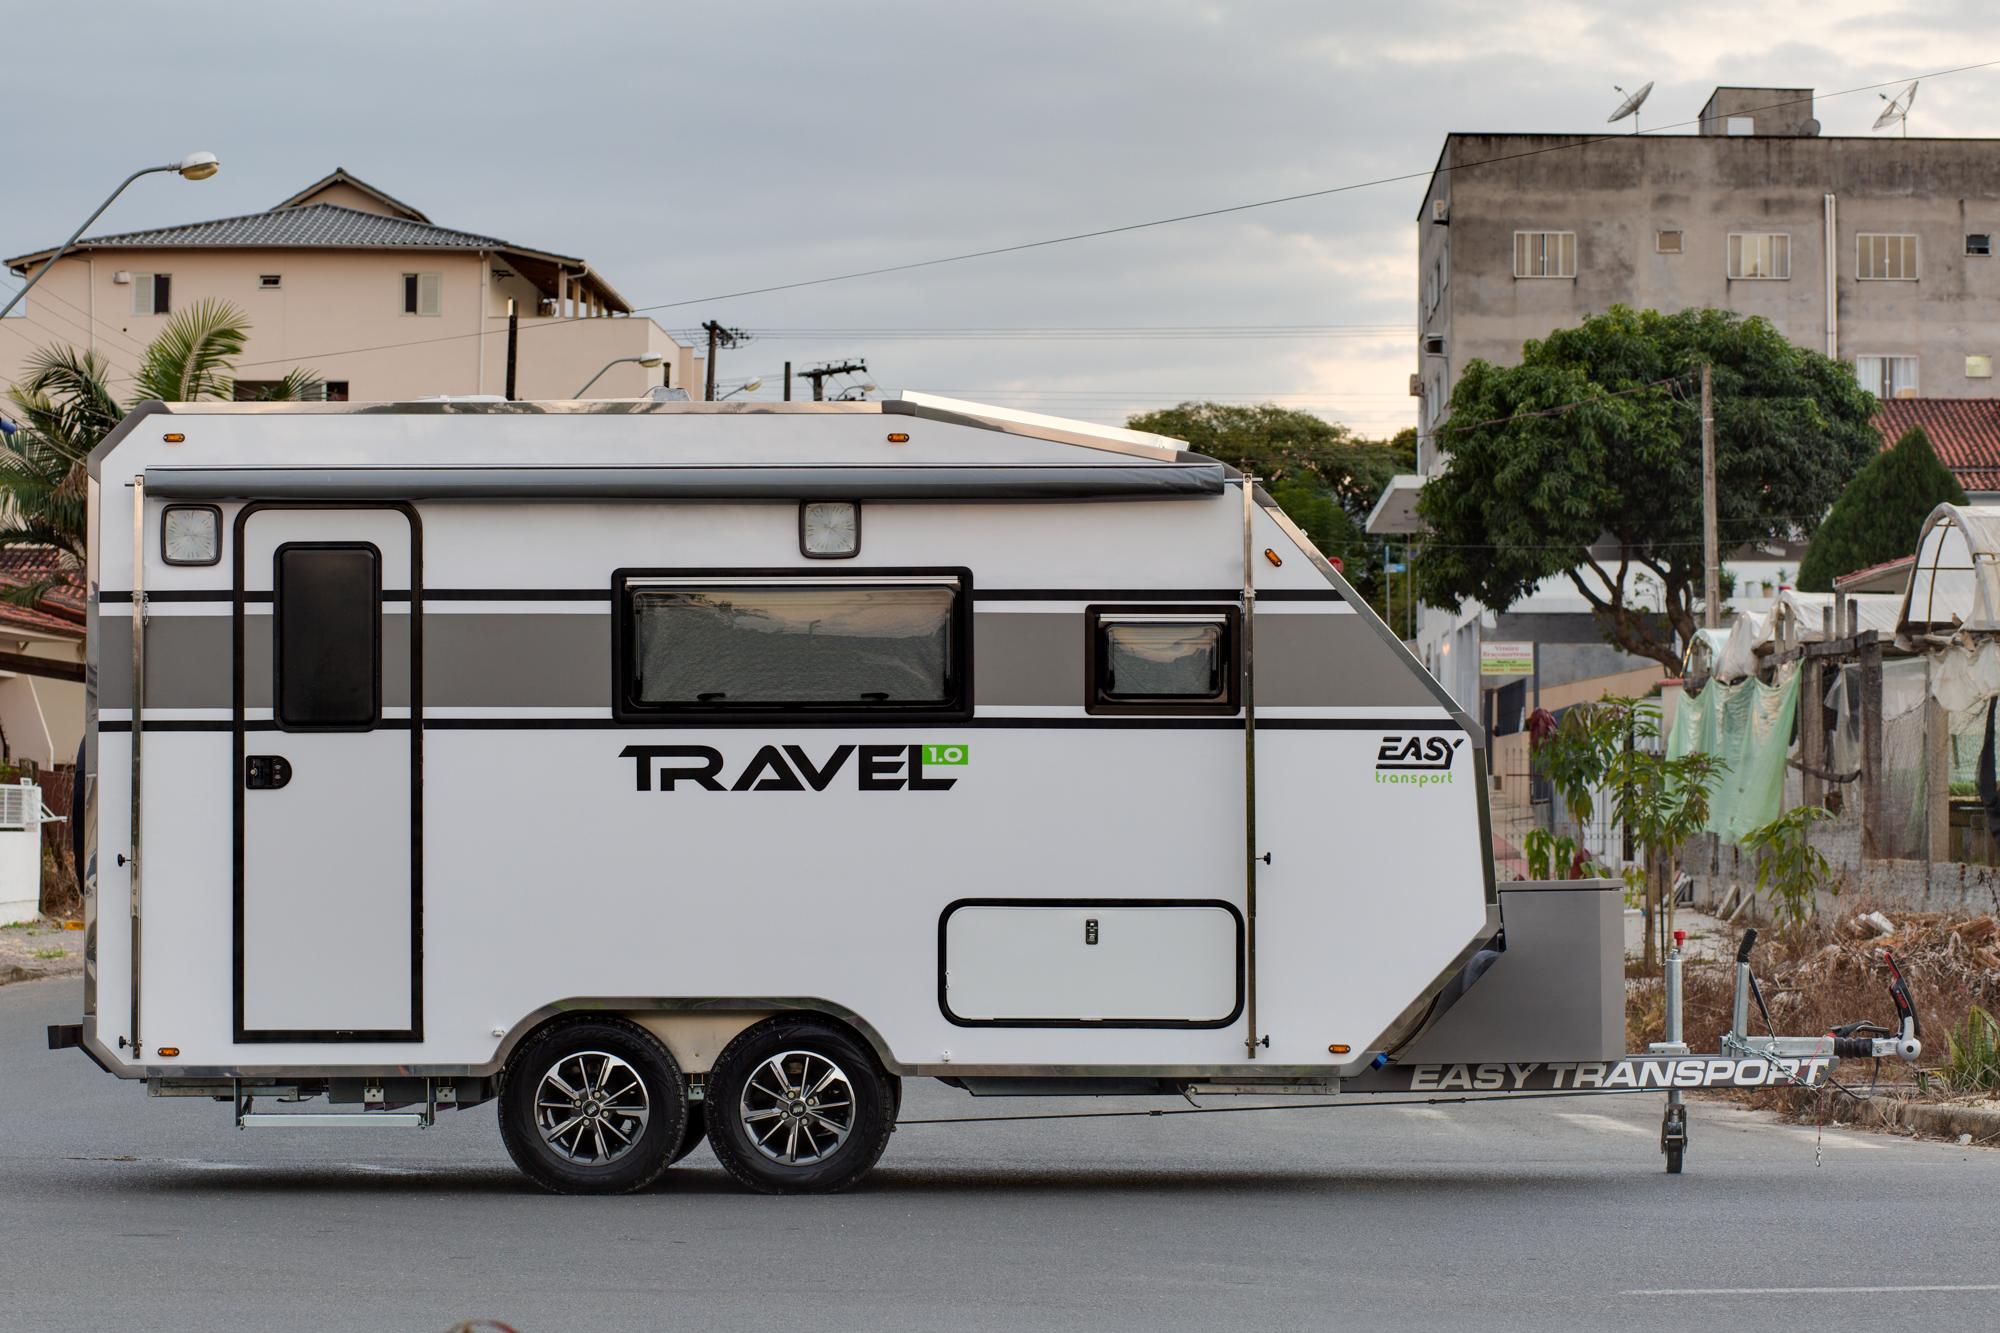 Easy Transport Travel 1.0